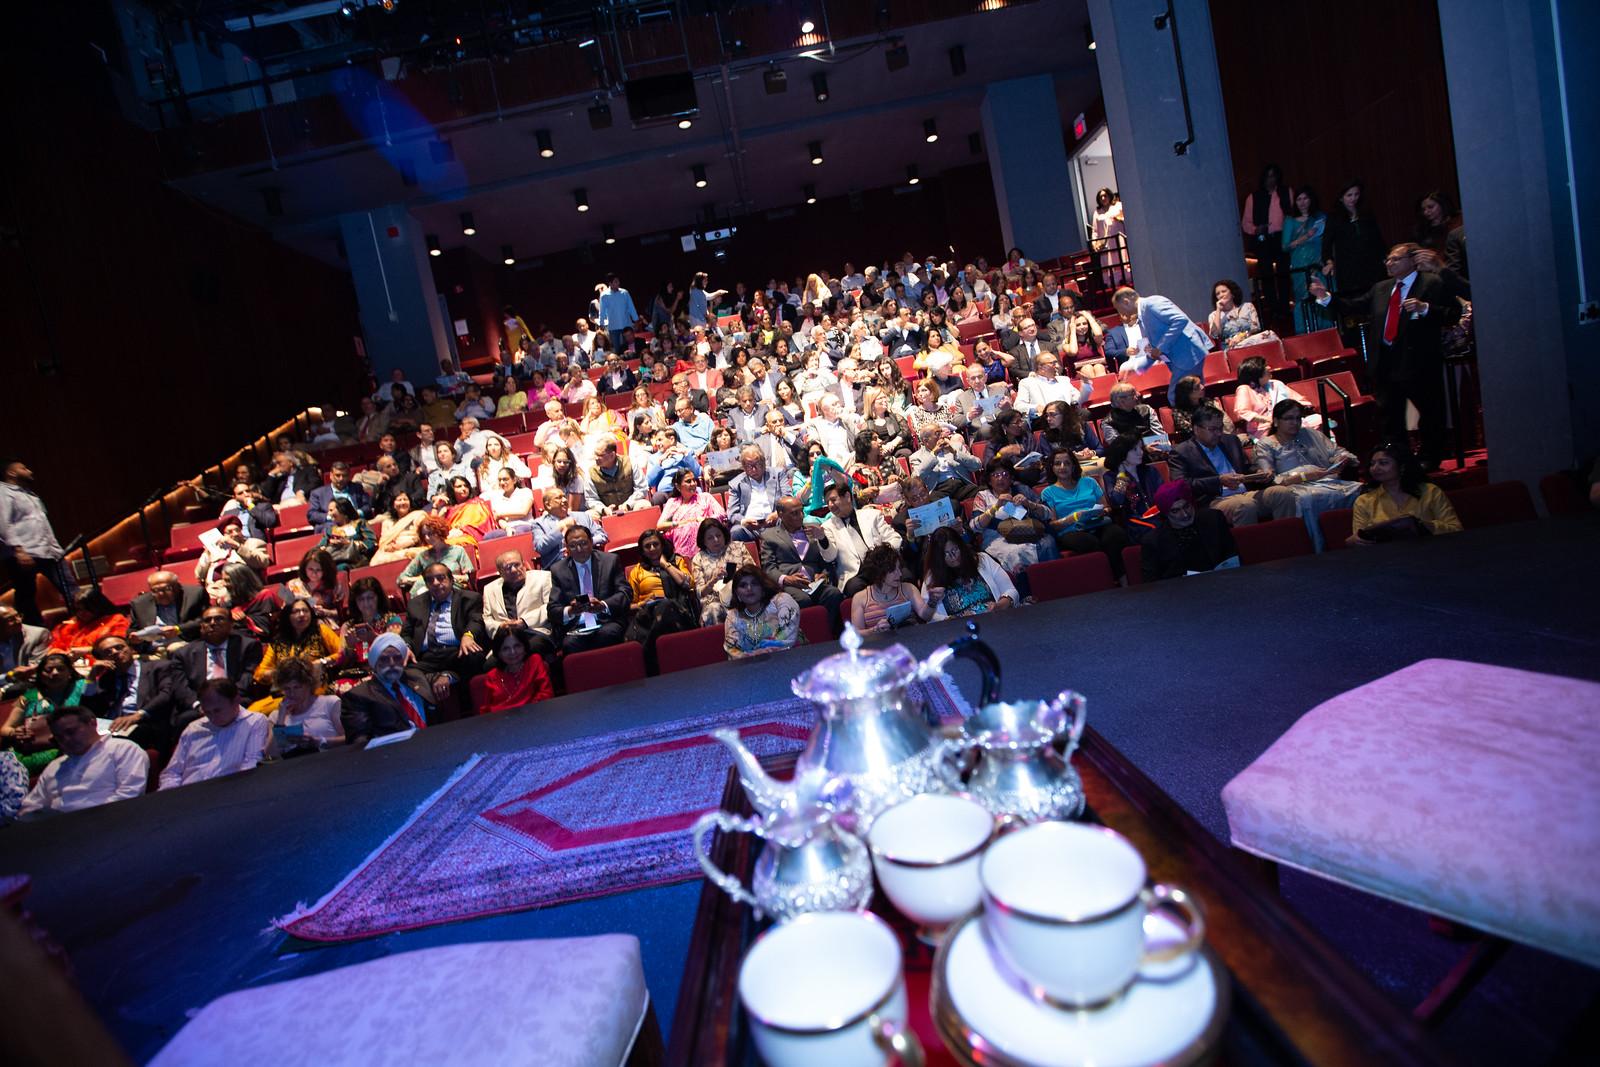 Auditorium Crowd1.jpg